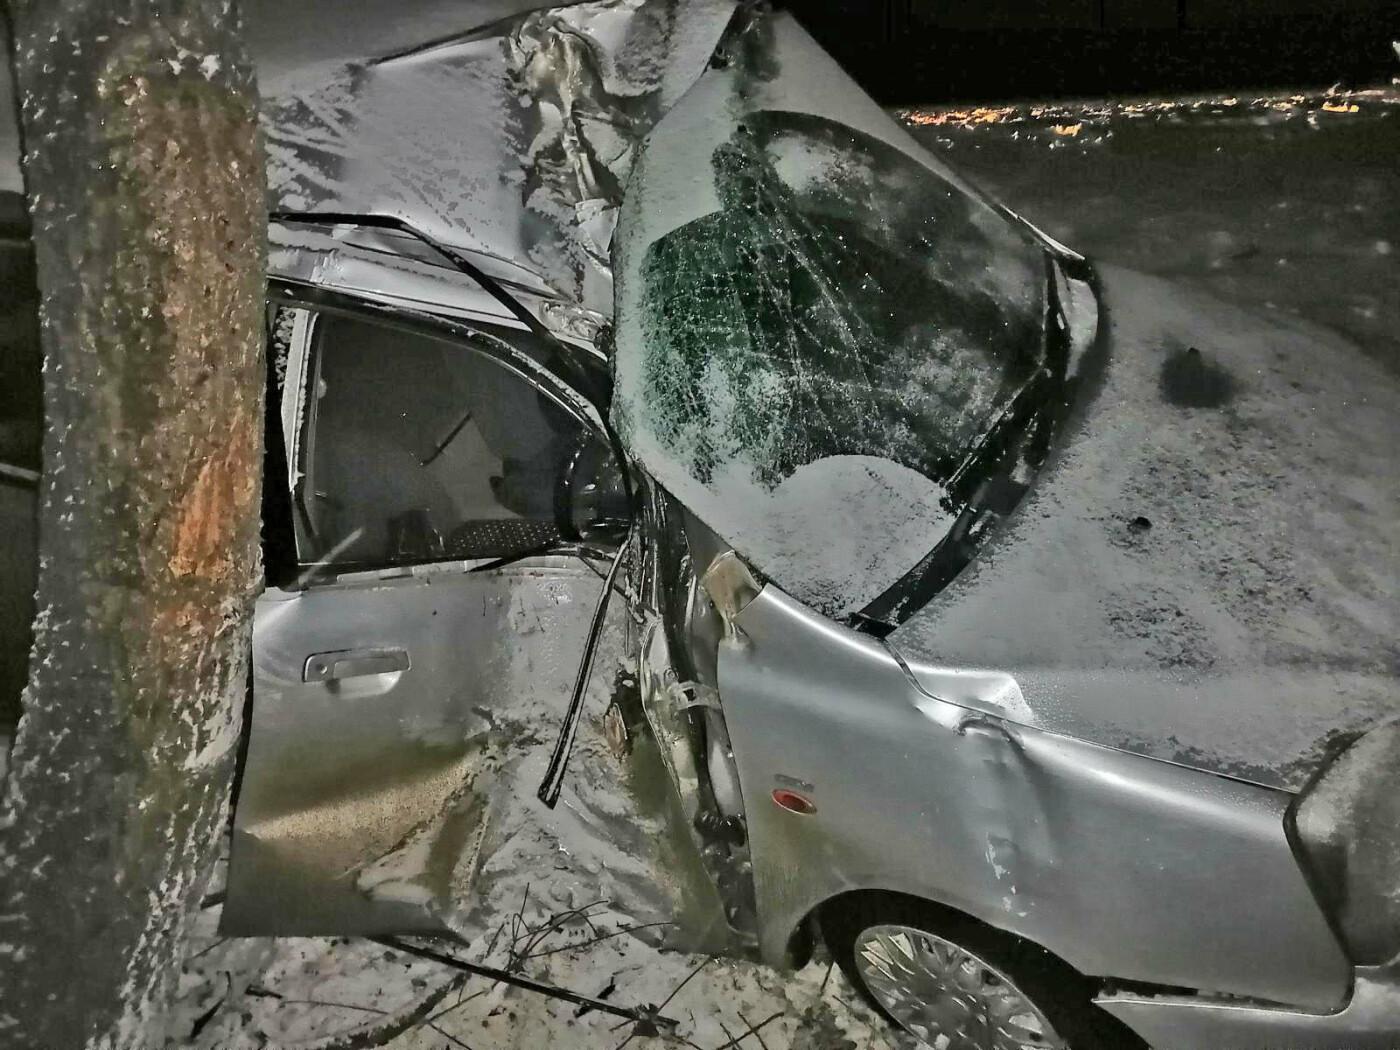 Снегопад в Тамбовском районе стал причиной двух ДТП с пострадавшими на одном участке трассы Р-22, фото-3